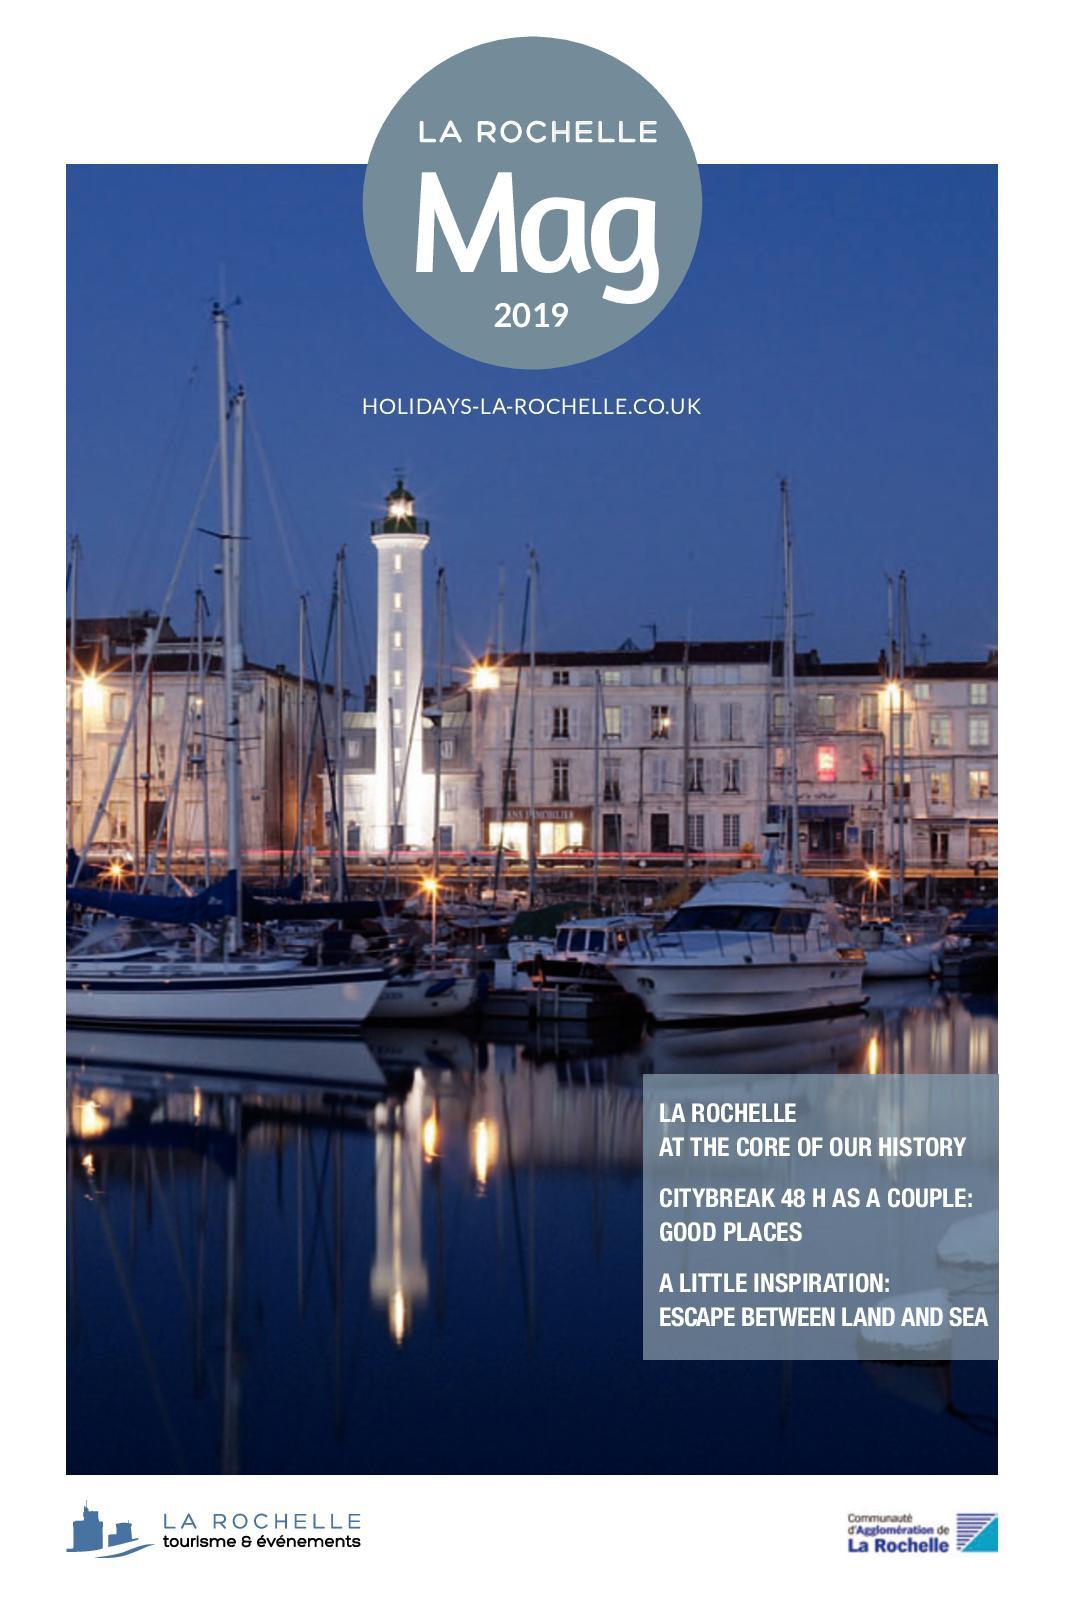 Table Jardin Ronde Bois Beau Calaméo La Rochelle City Guide 2019 Of 30 Frais Table Jardin Ronde Bois